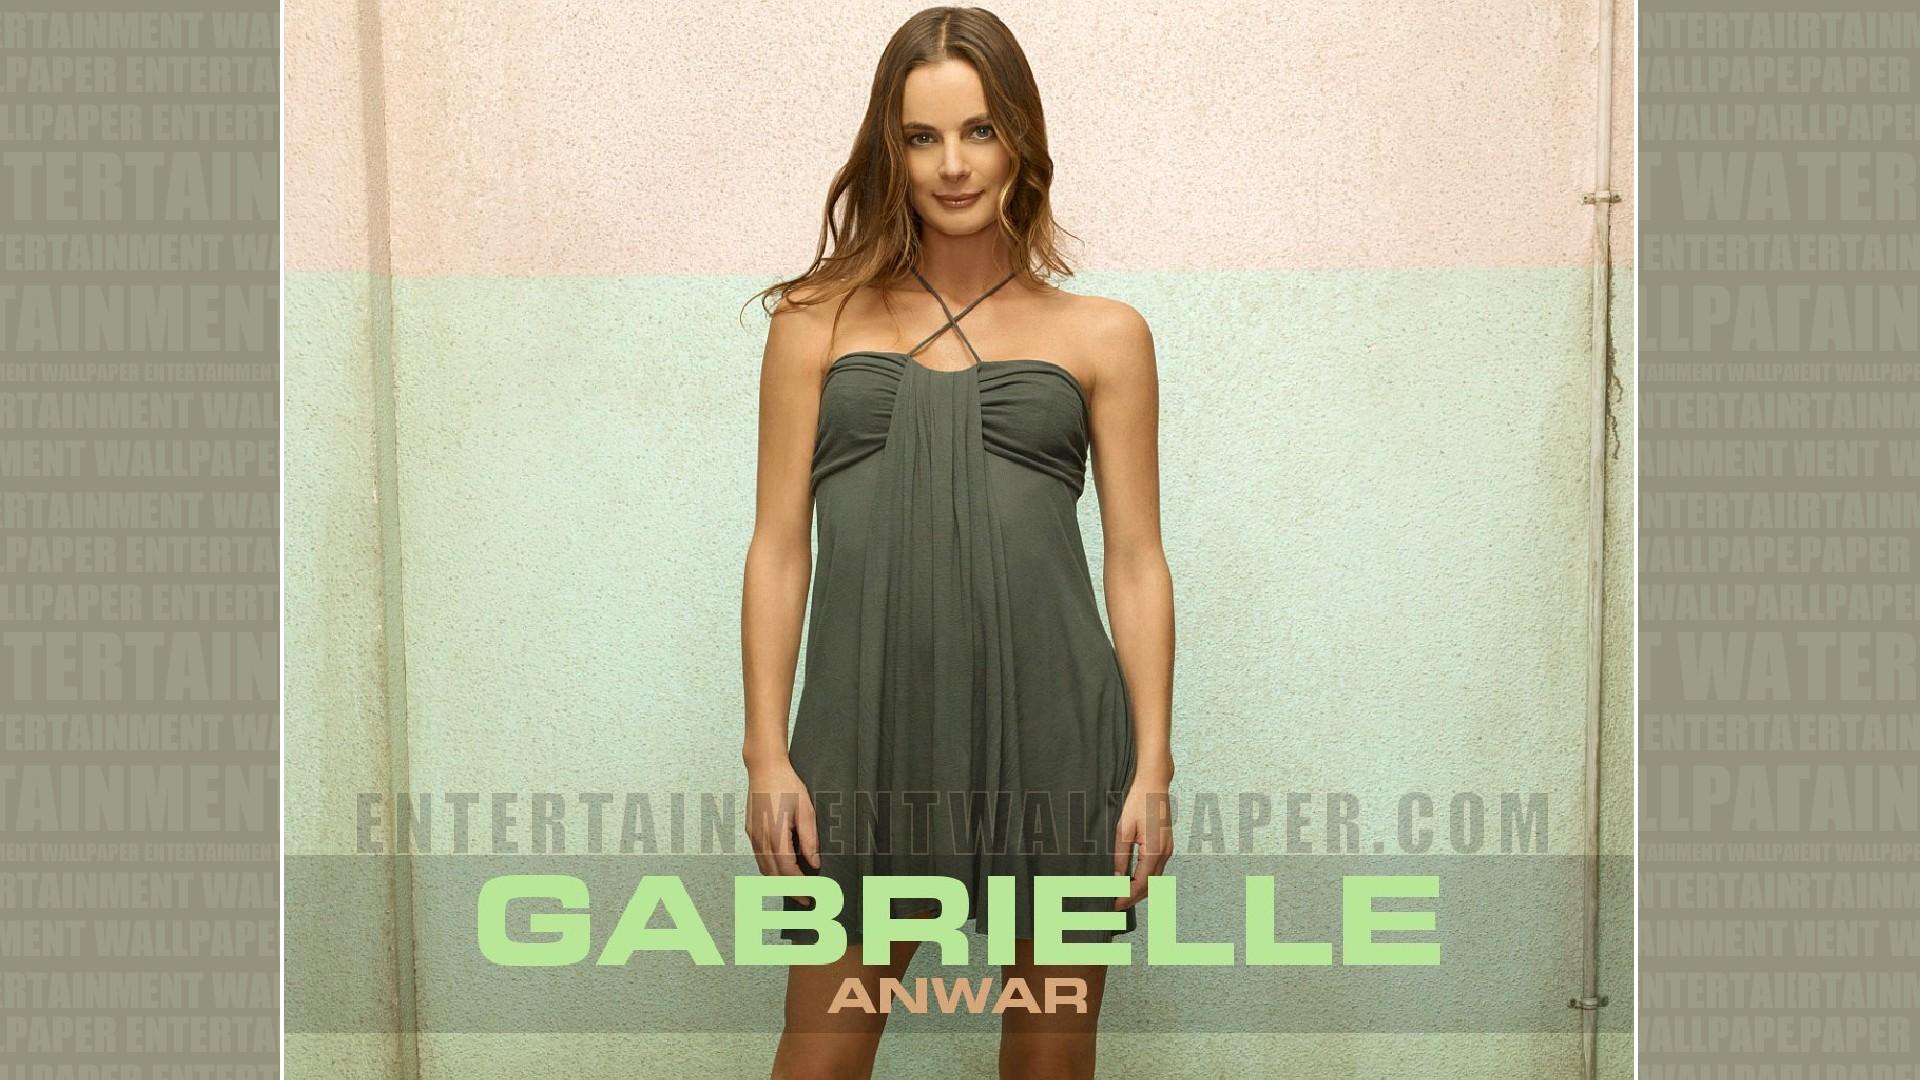 Gabrielle Anwar Wallpaper   60029457 1920x1080 1920x1080